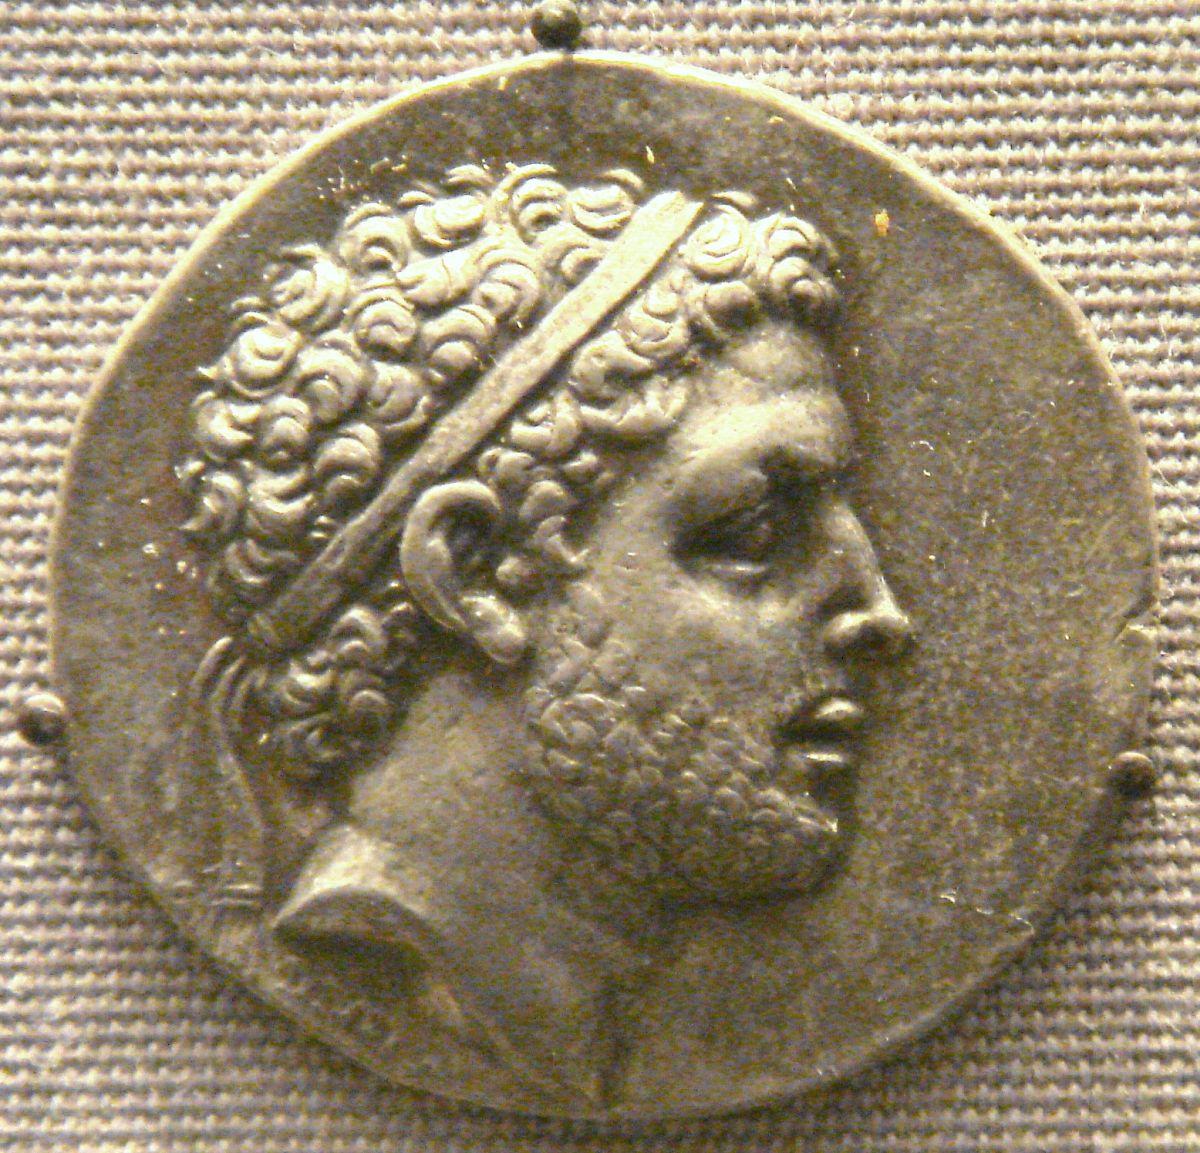 Perseusz - król który zmarł z braku snu